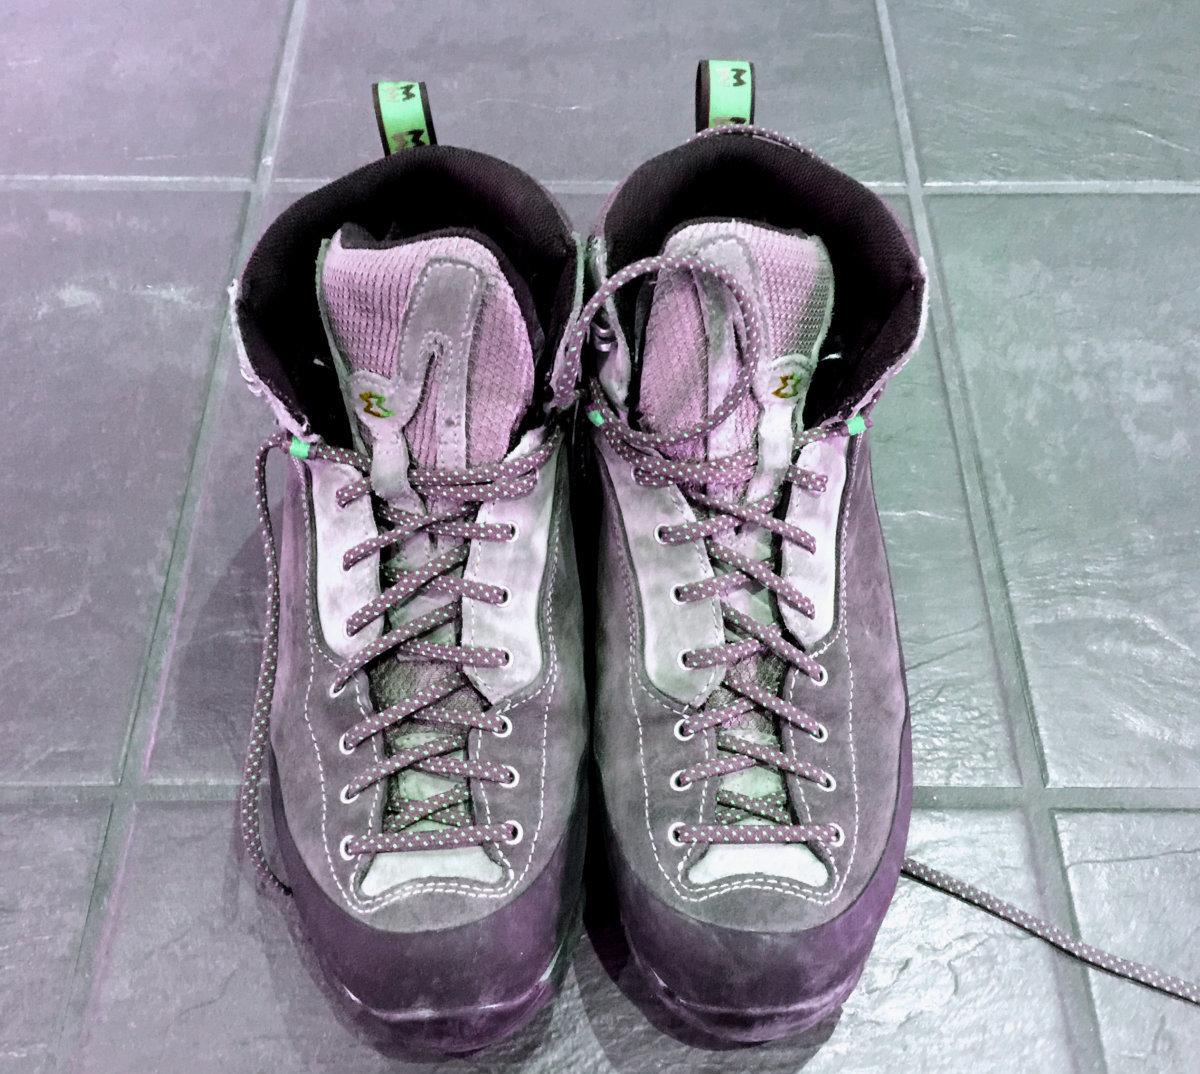 sko-fjerne-lukt